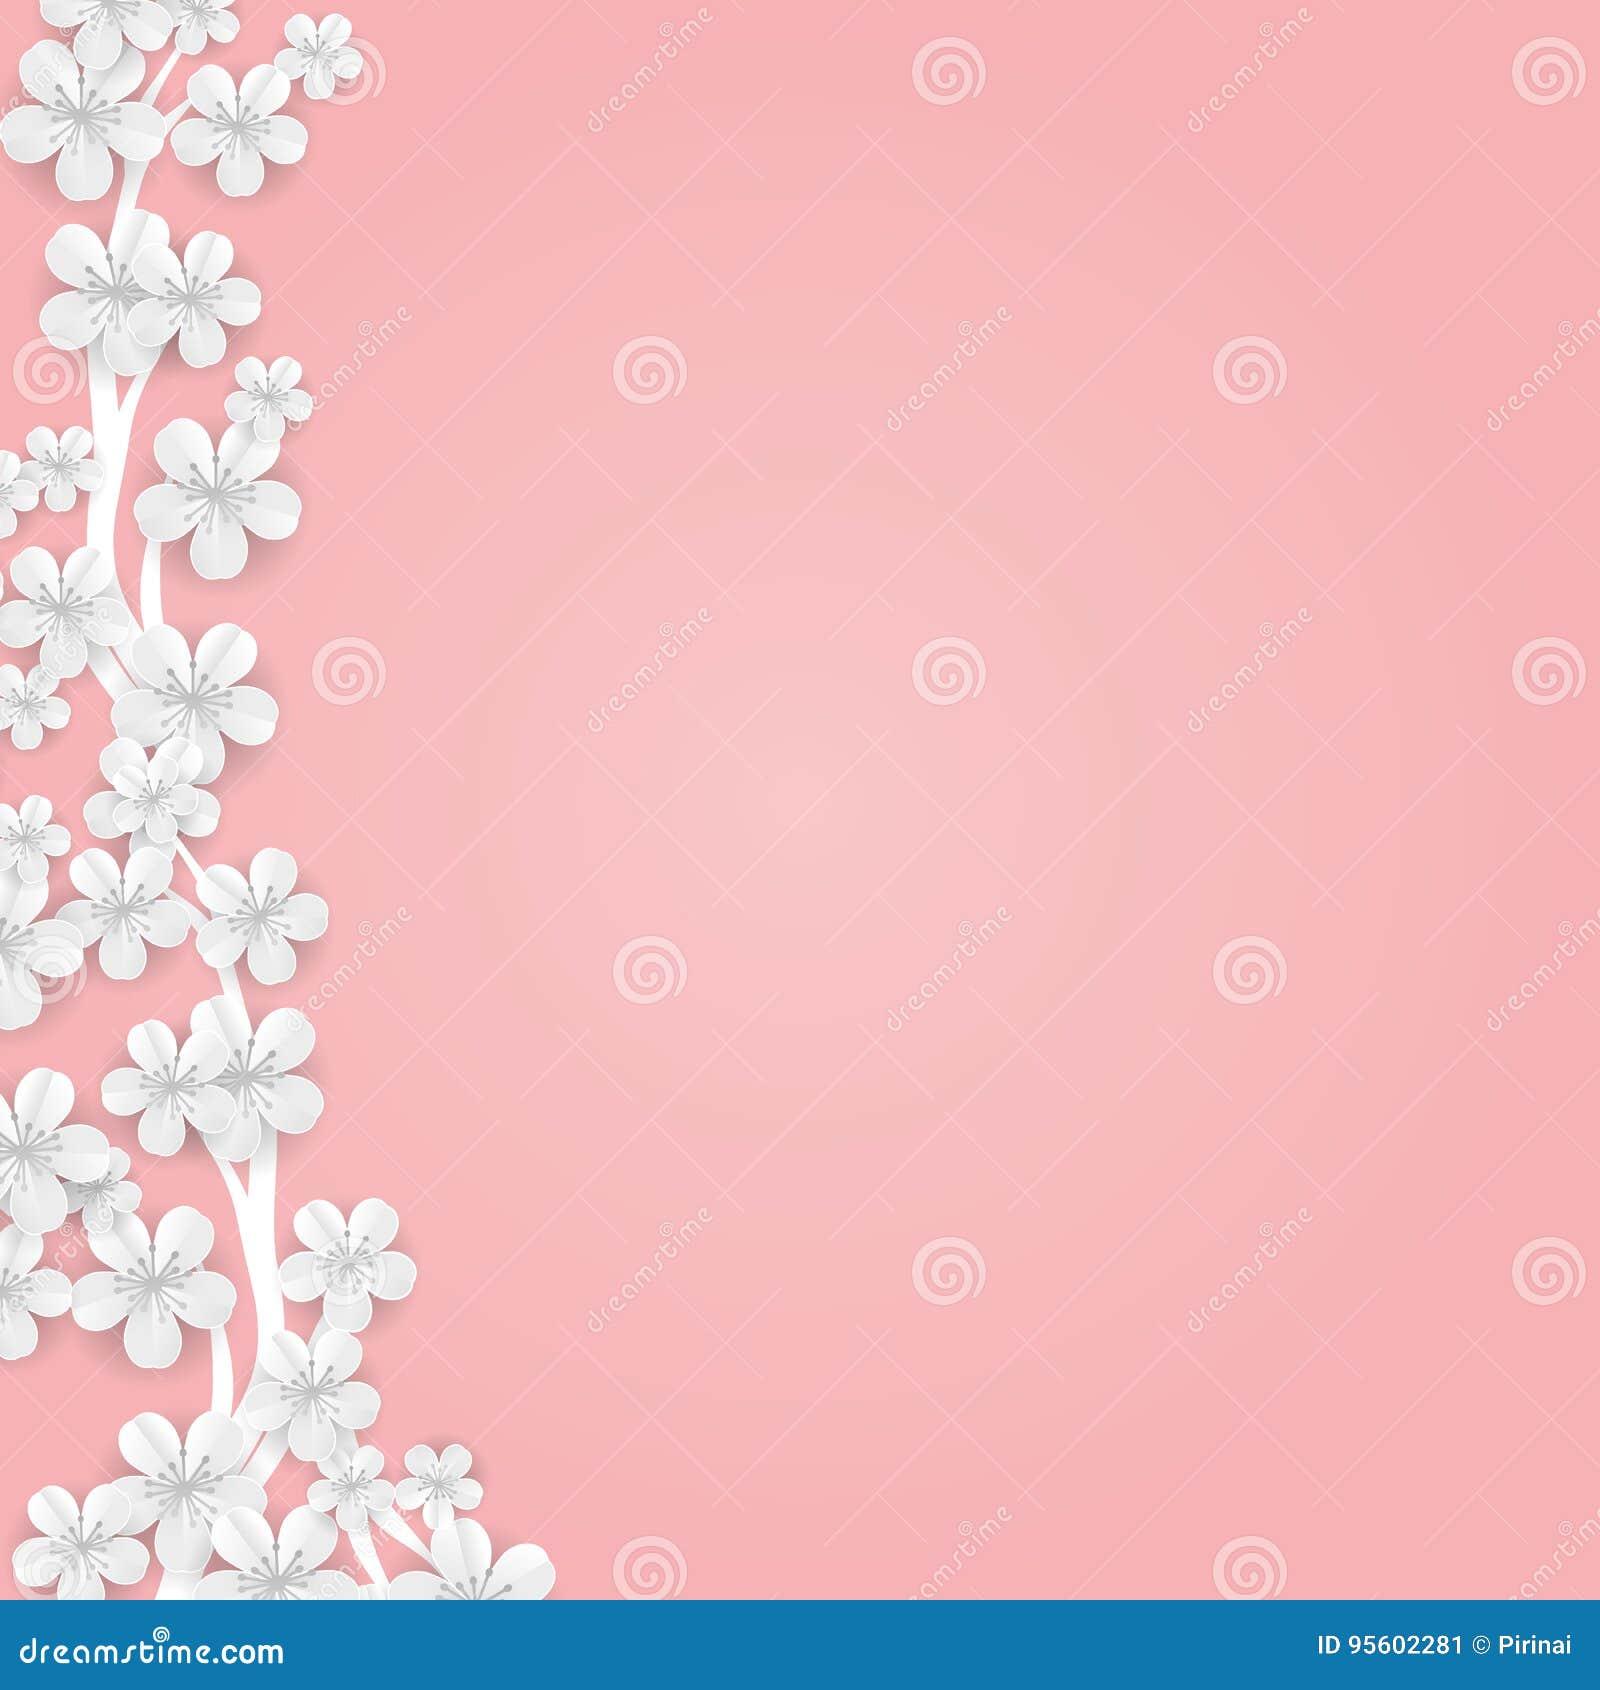 Flower Banner Background Stock Vector Illustration Of